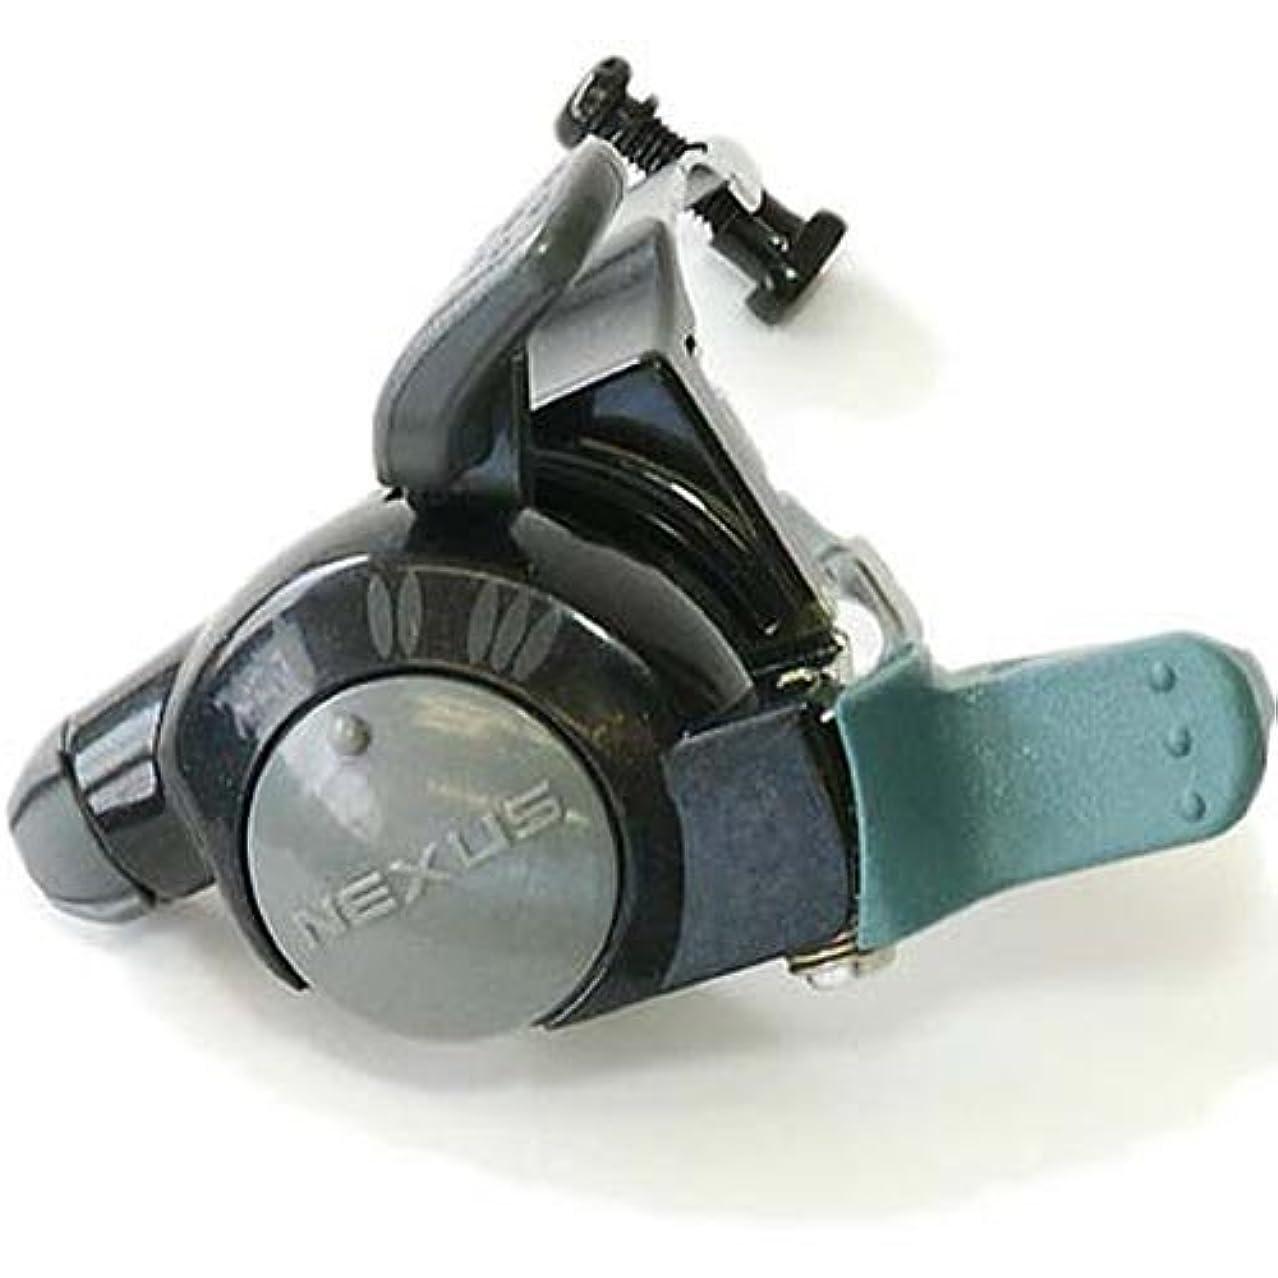 そばにポーター計器[シマノ] SL-3S90 ピアノタッチレバー 524-10320 ブラック